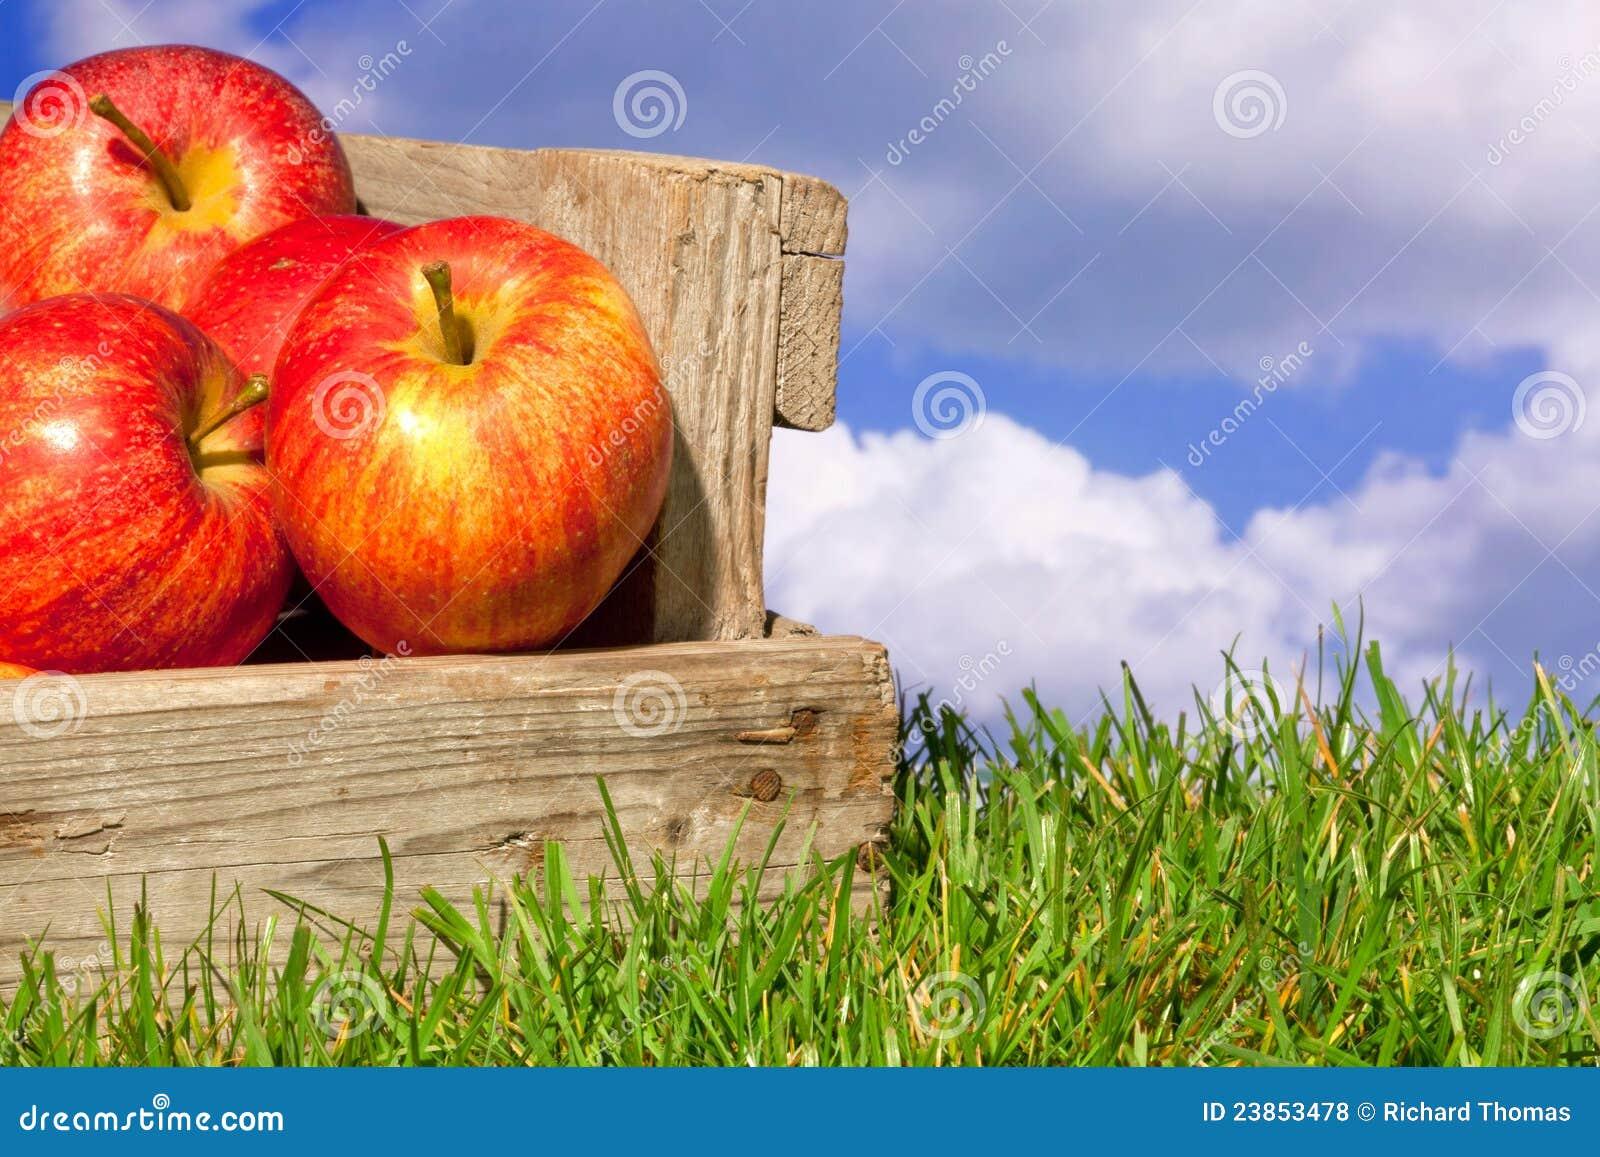 Appelen in een krat op gras met blauwe bewolkte hemel stock foto afbeelding 23853478 - Krat met appel ...